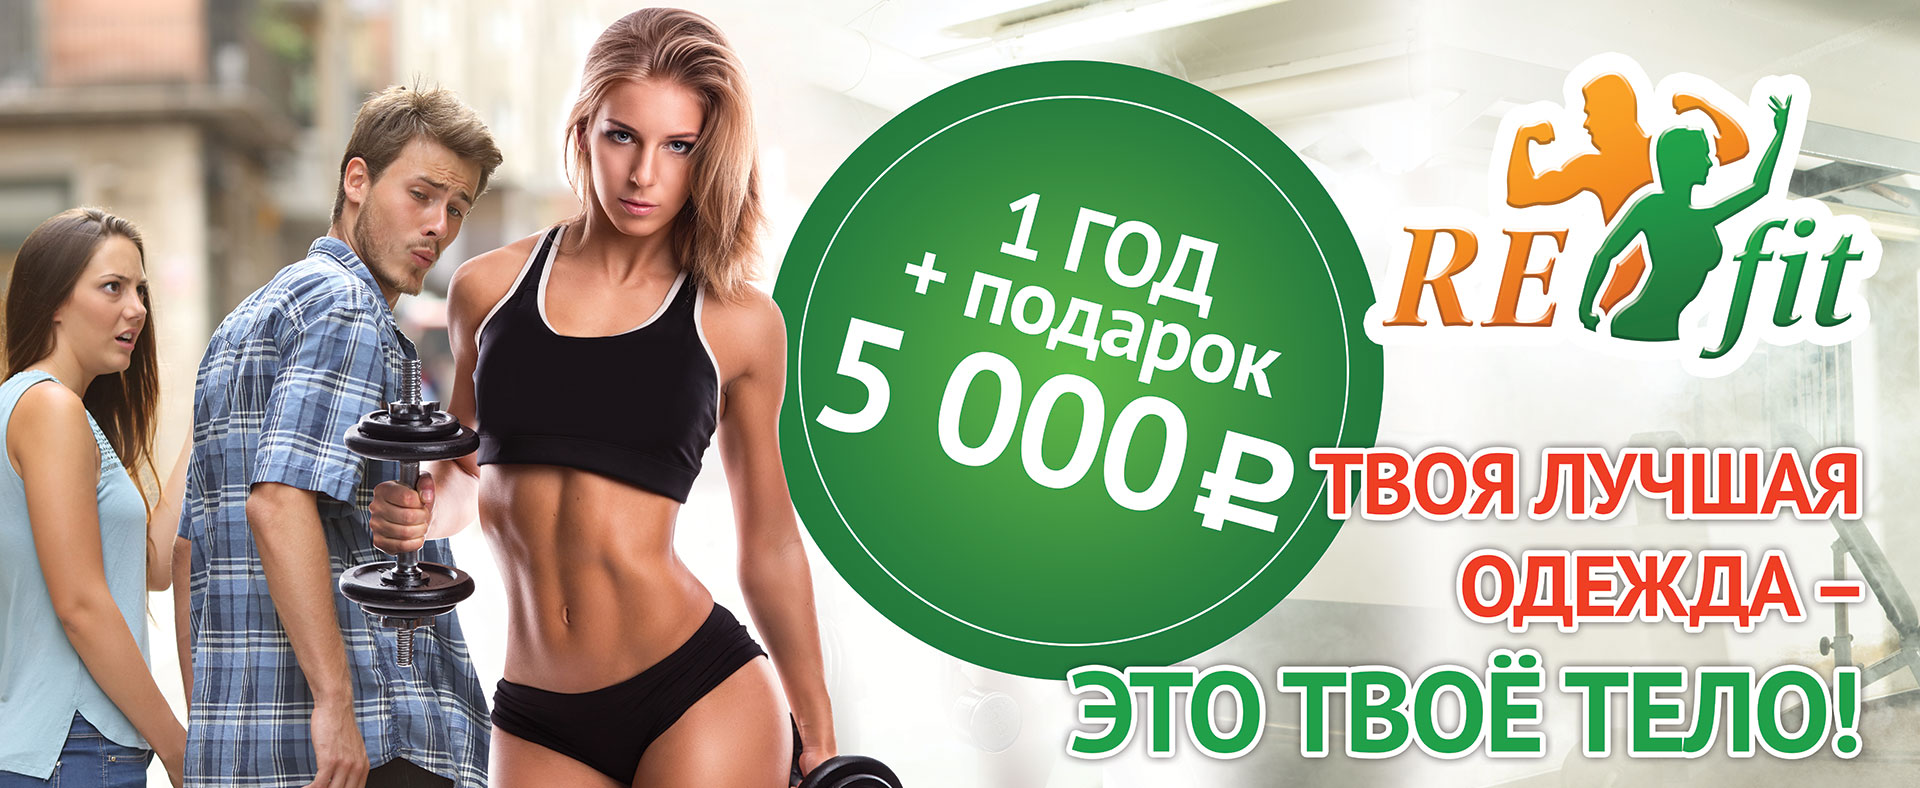 1 год за 5000 руб + подарок!